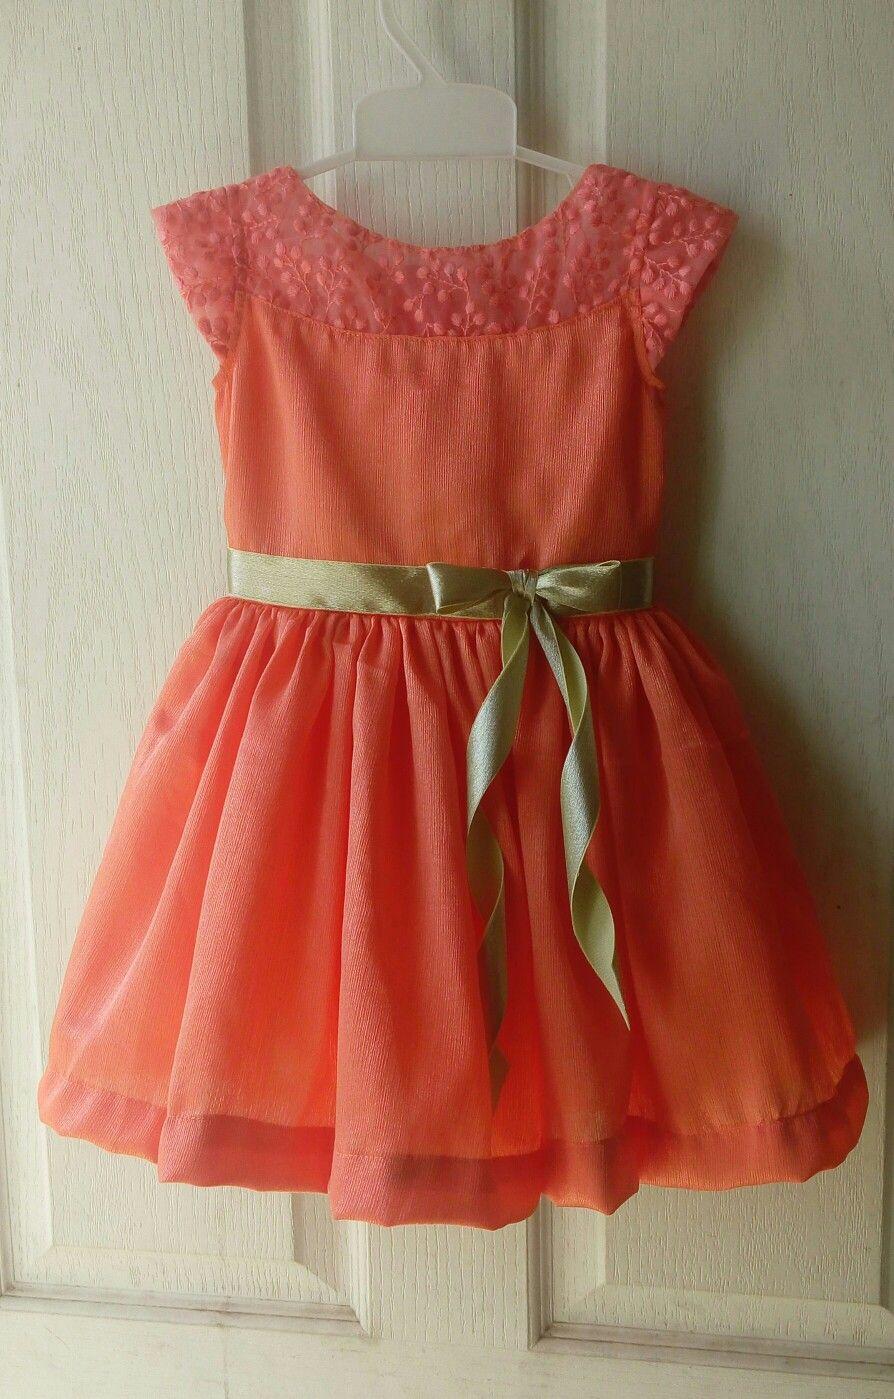 0f139d936 Cute dresses for cute Angels